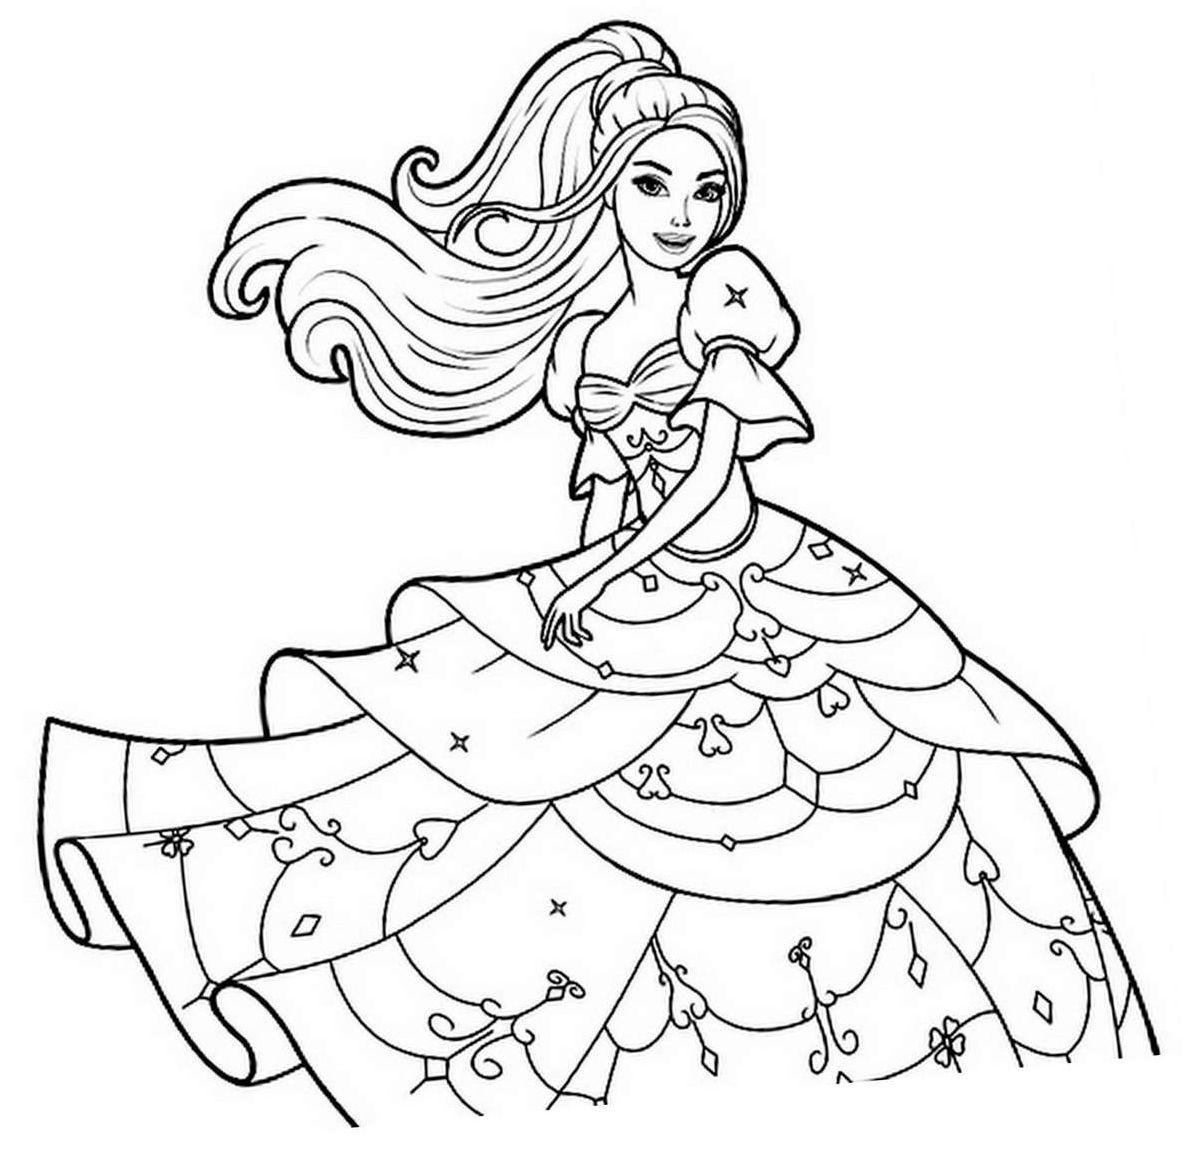 Ausmalbilder Zum Drucken Barbie : Coloriage Barbie Et Sa Belle Robe